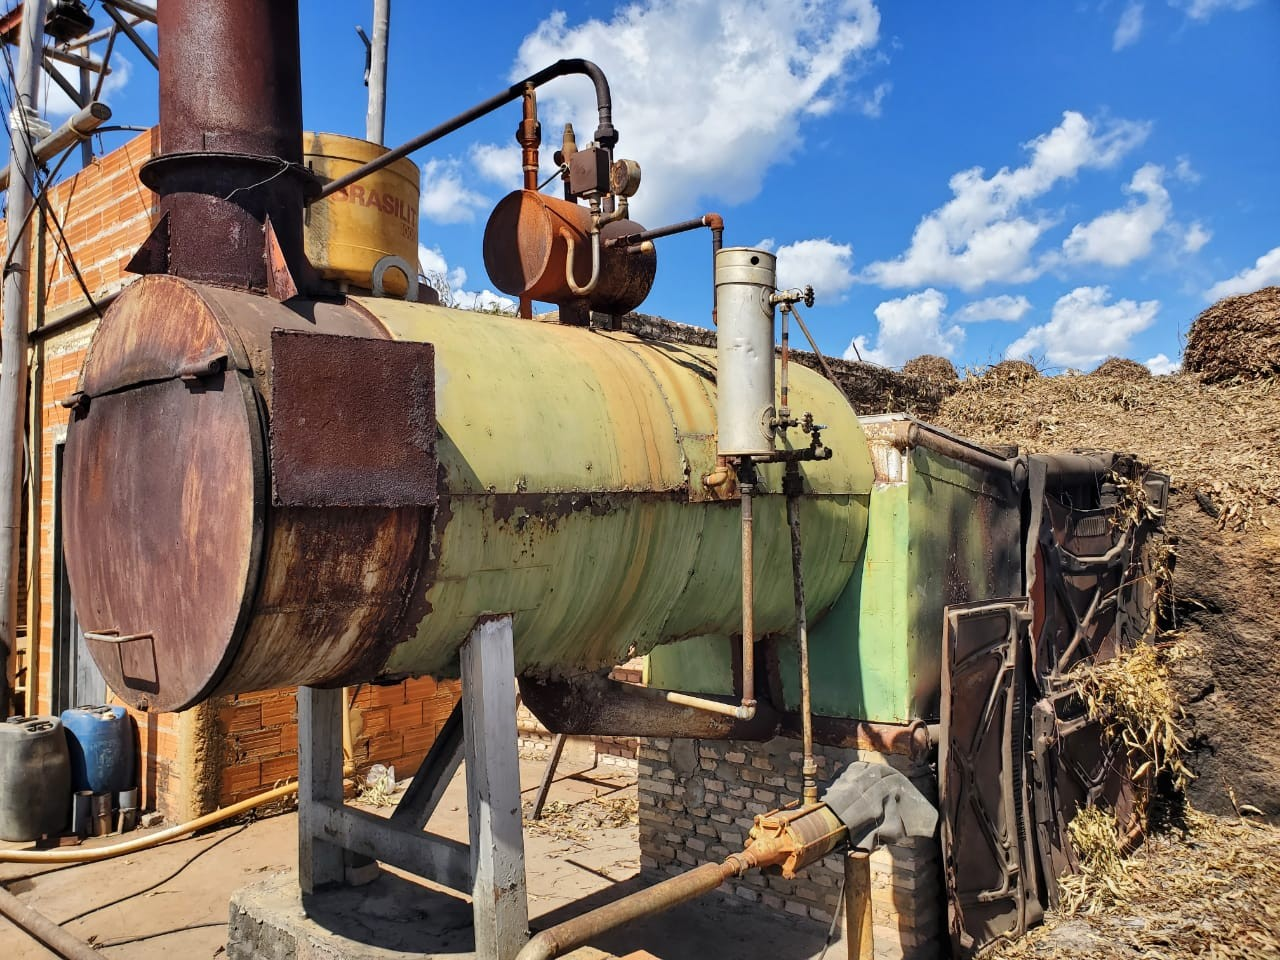 Auditoria fiscal do trabalho interdita caldeiras de 13 fábricas de extração de óleo de eucalipto por risco de explosão